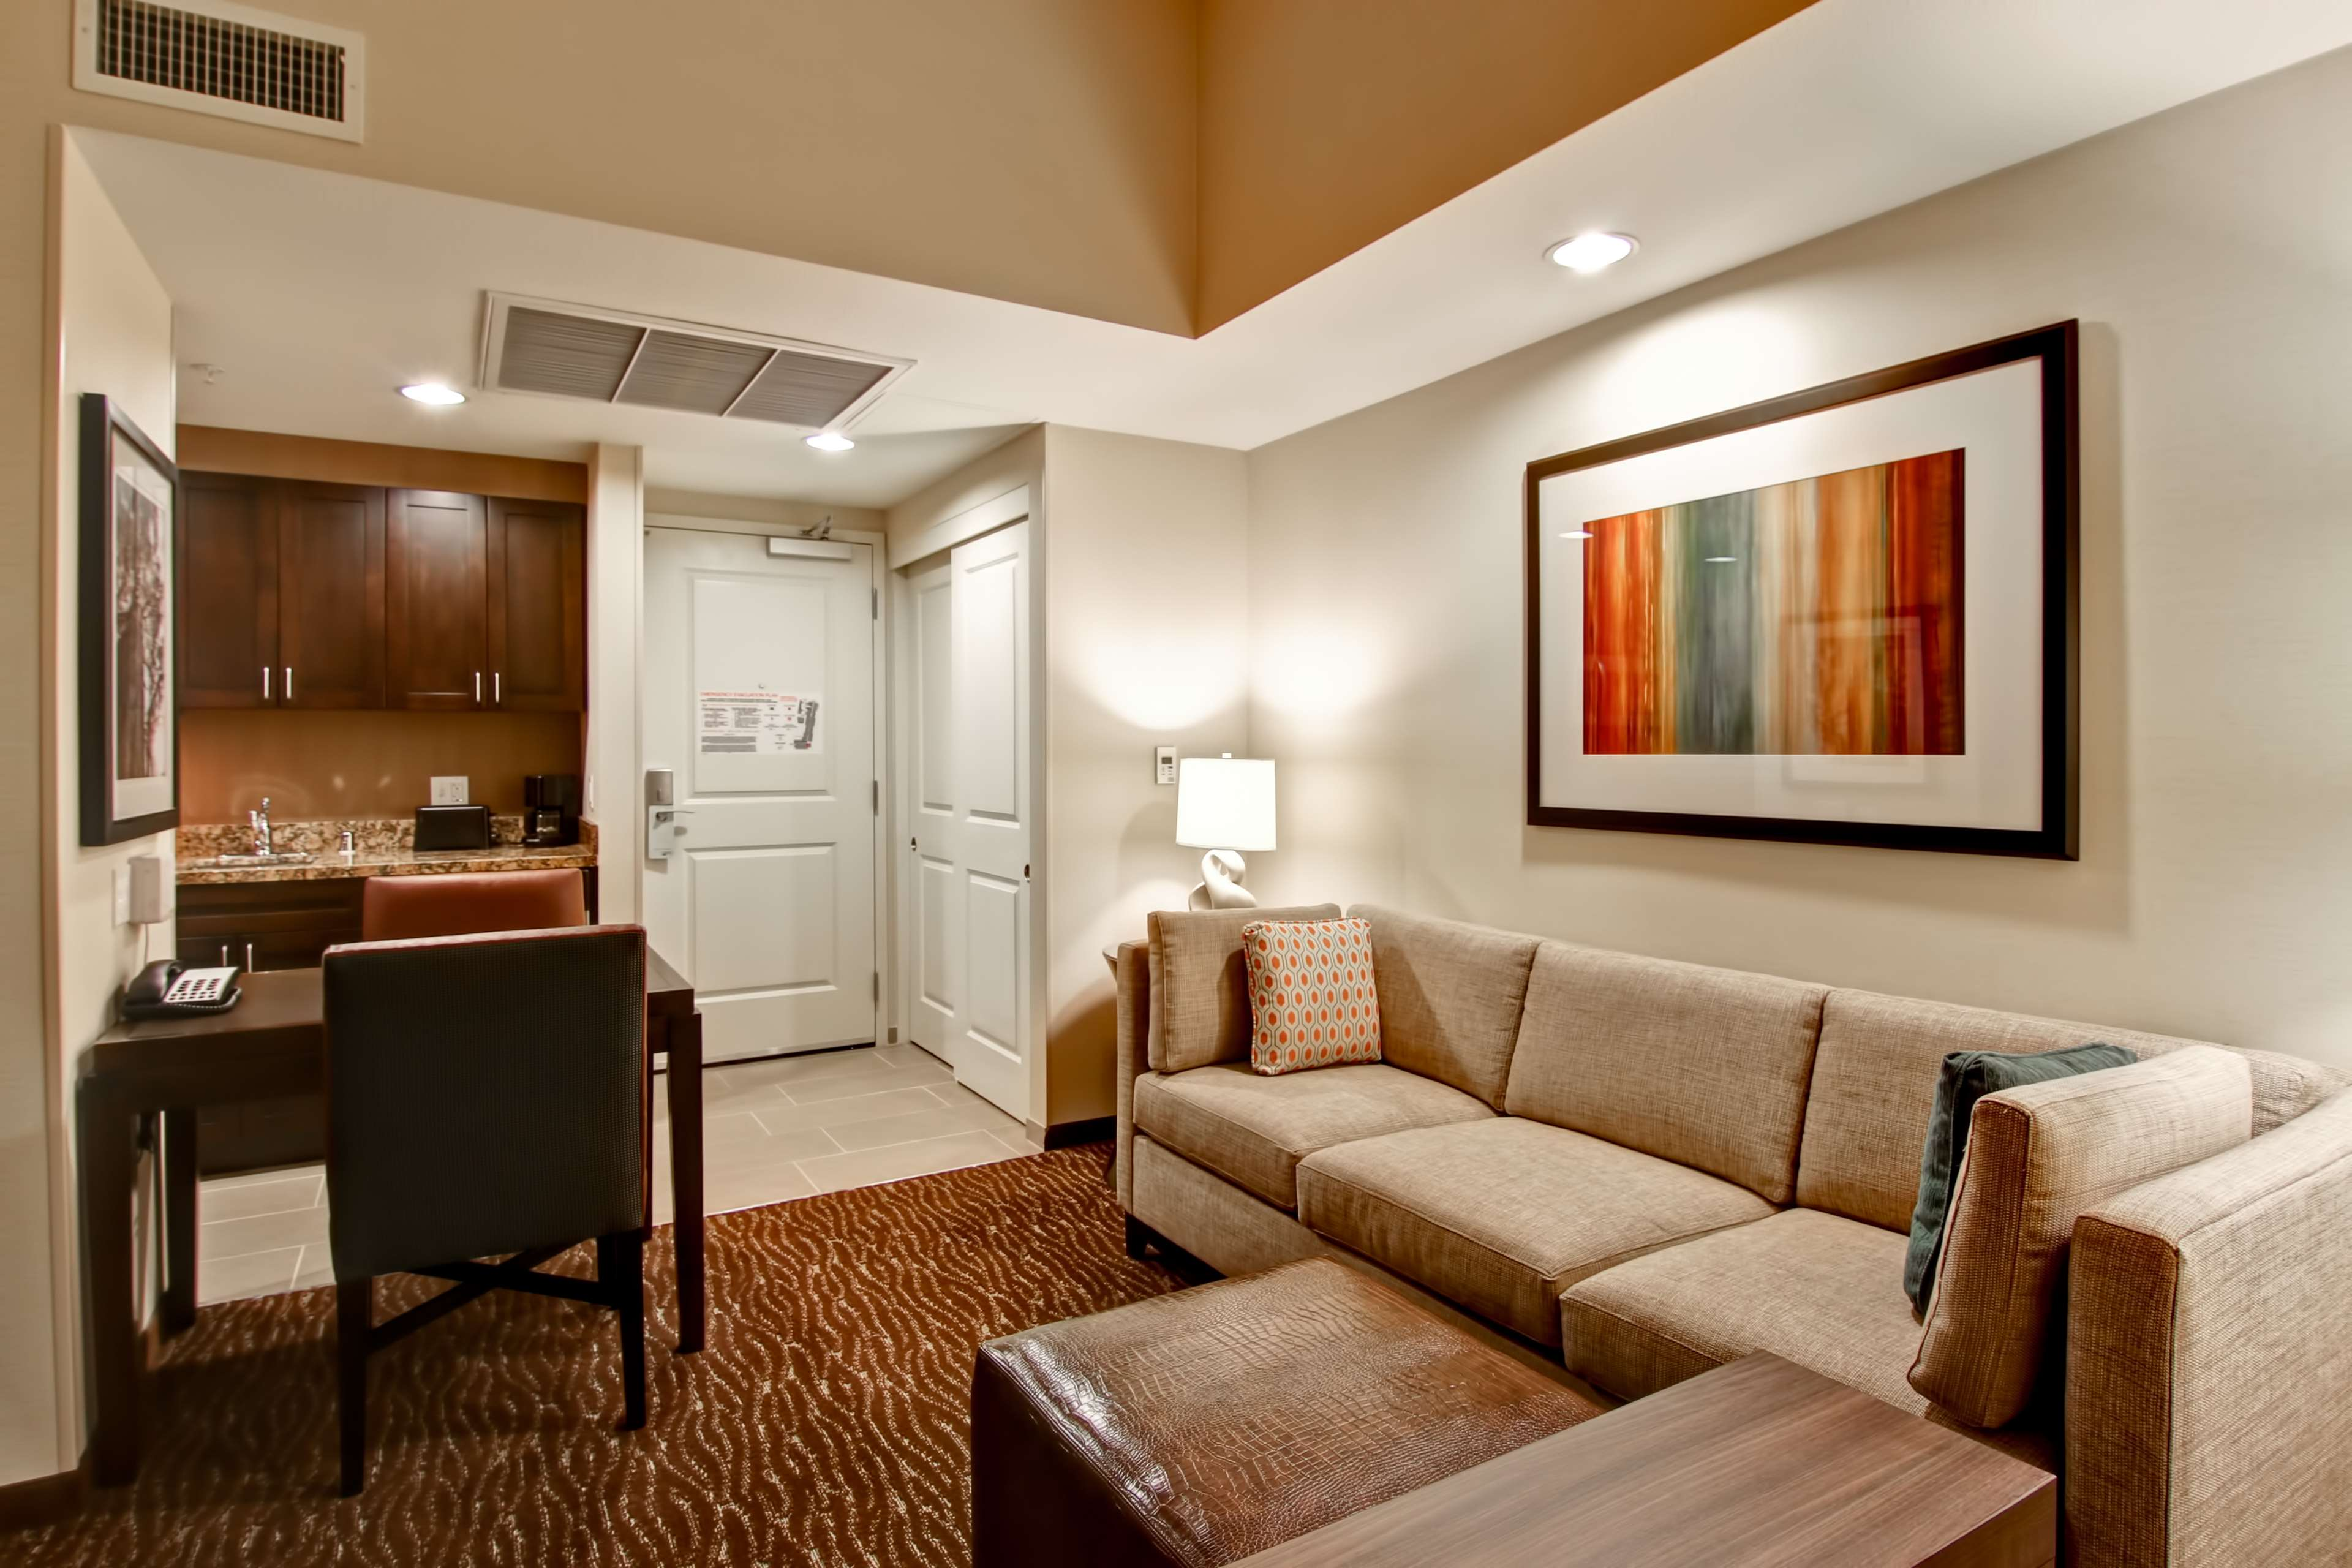 Homewood Suites by Hilton Palo Alto image 20